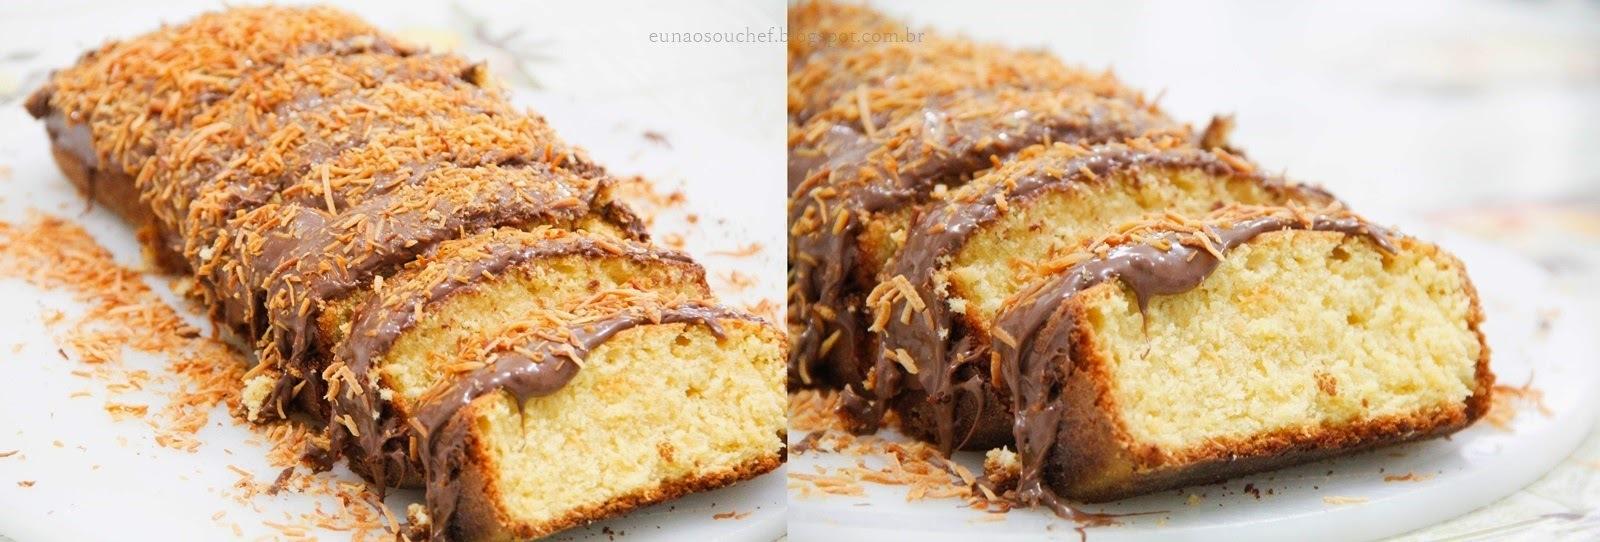 Bolo de côco com cobertura de nutella